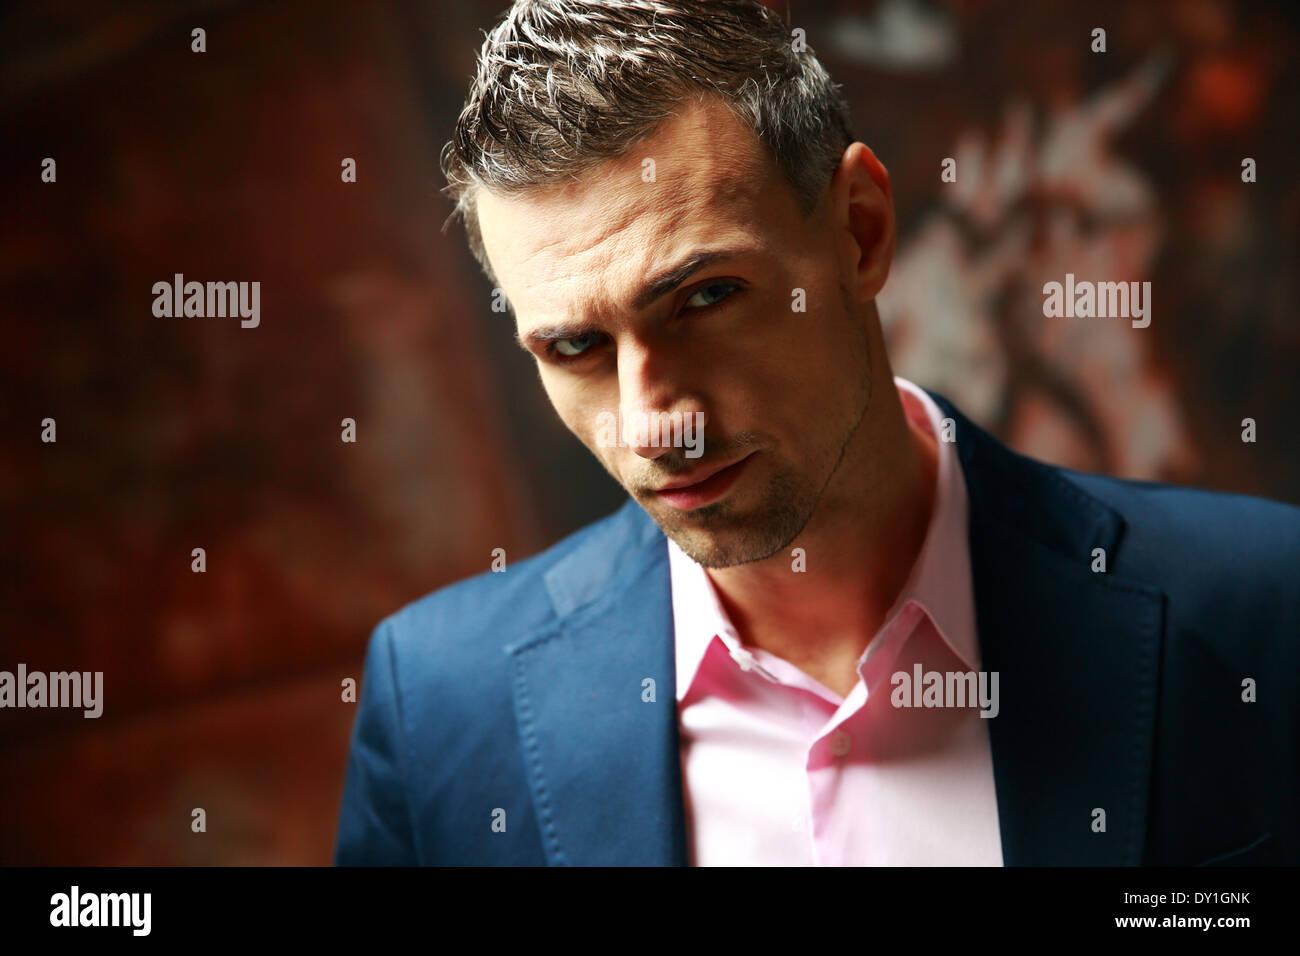 Retrato de un empresario de seguros Imagen De Stock